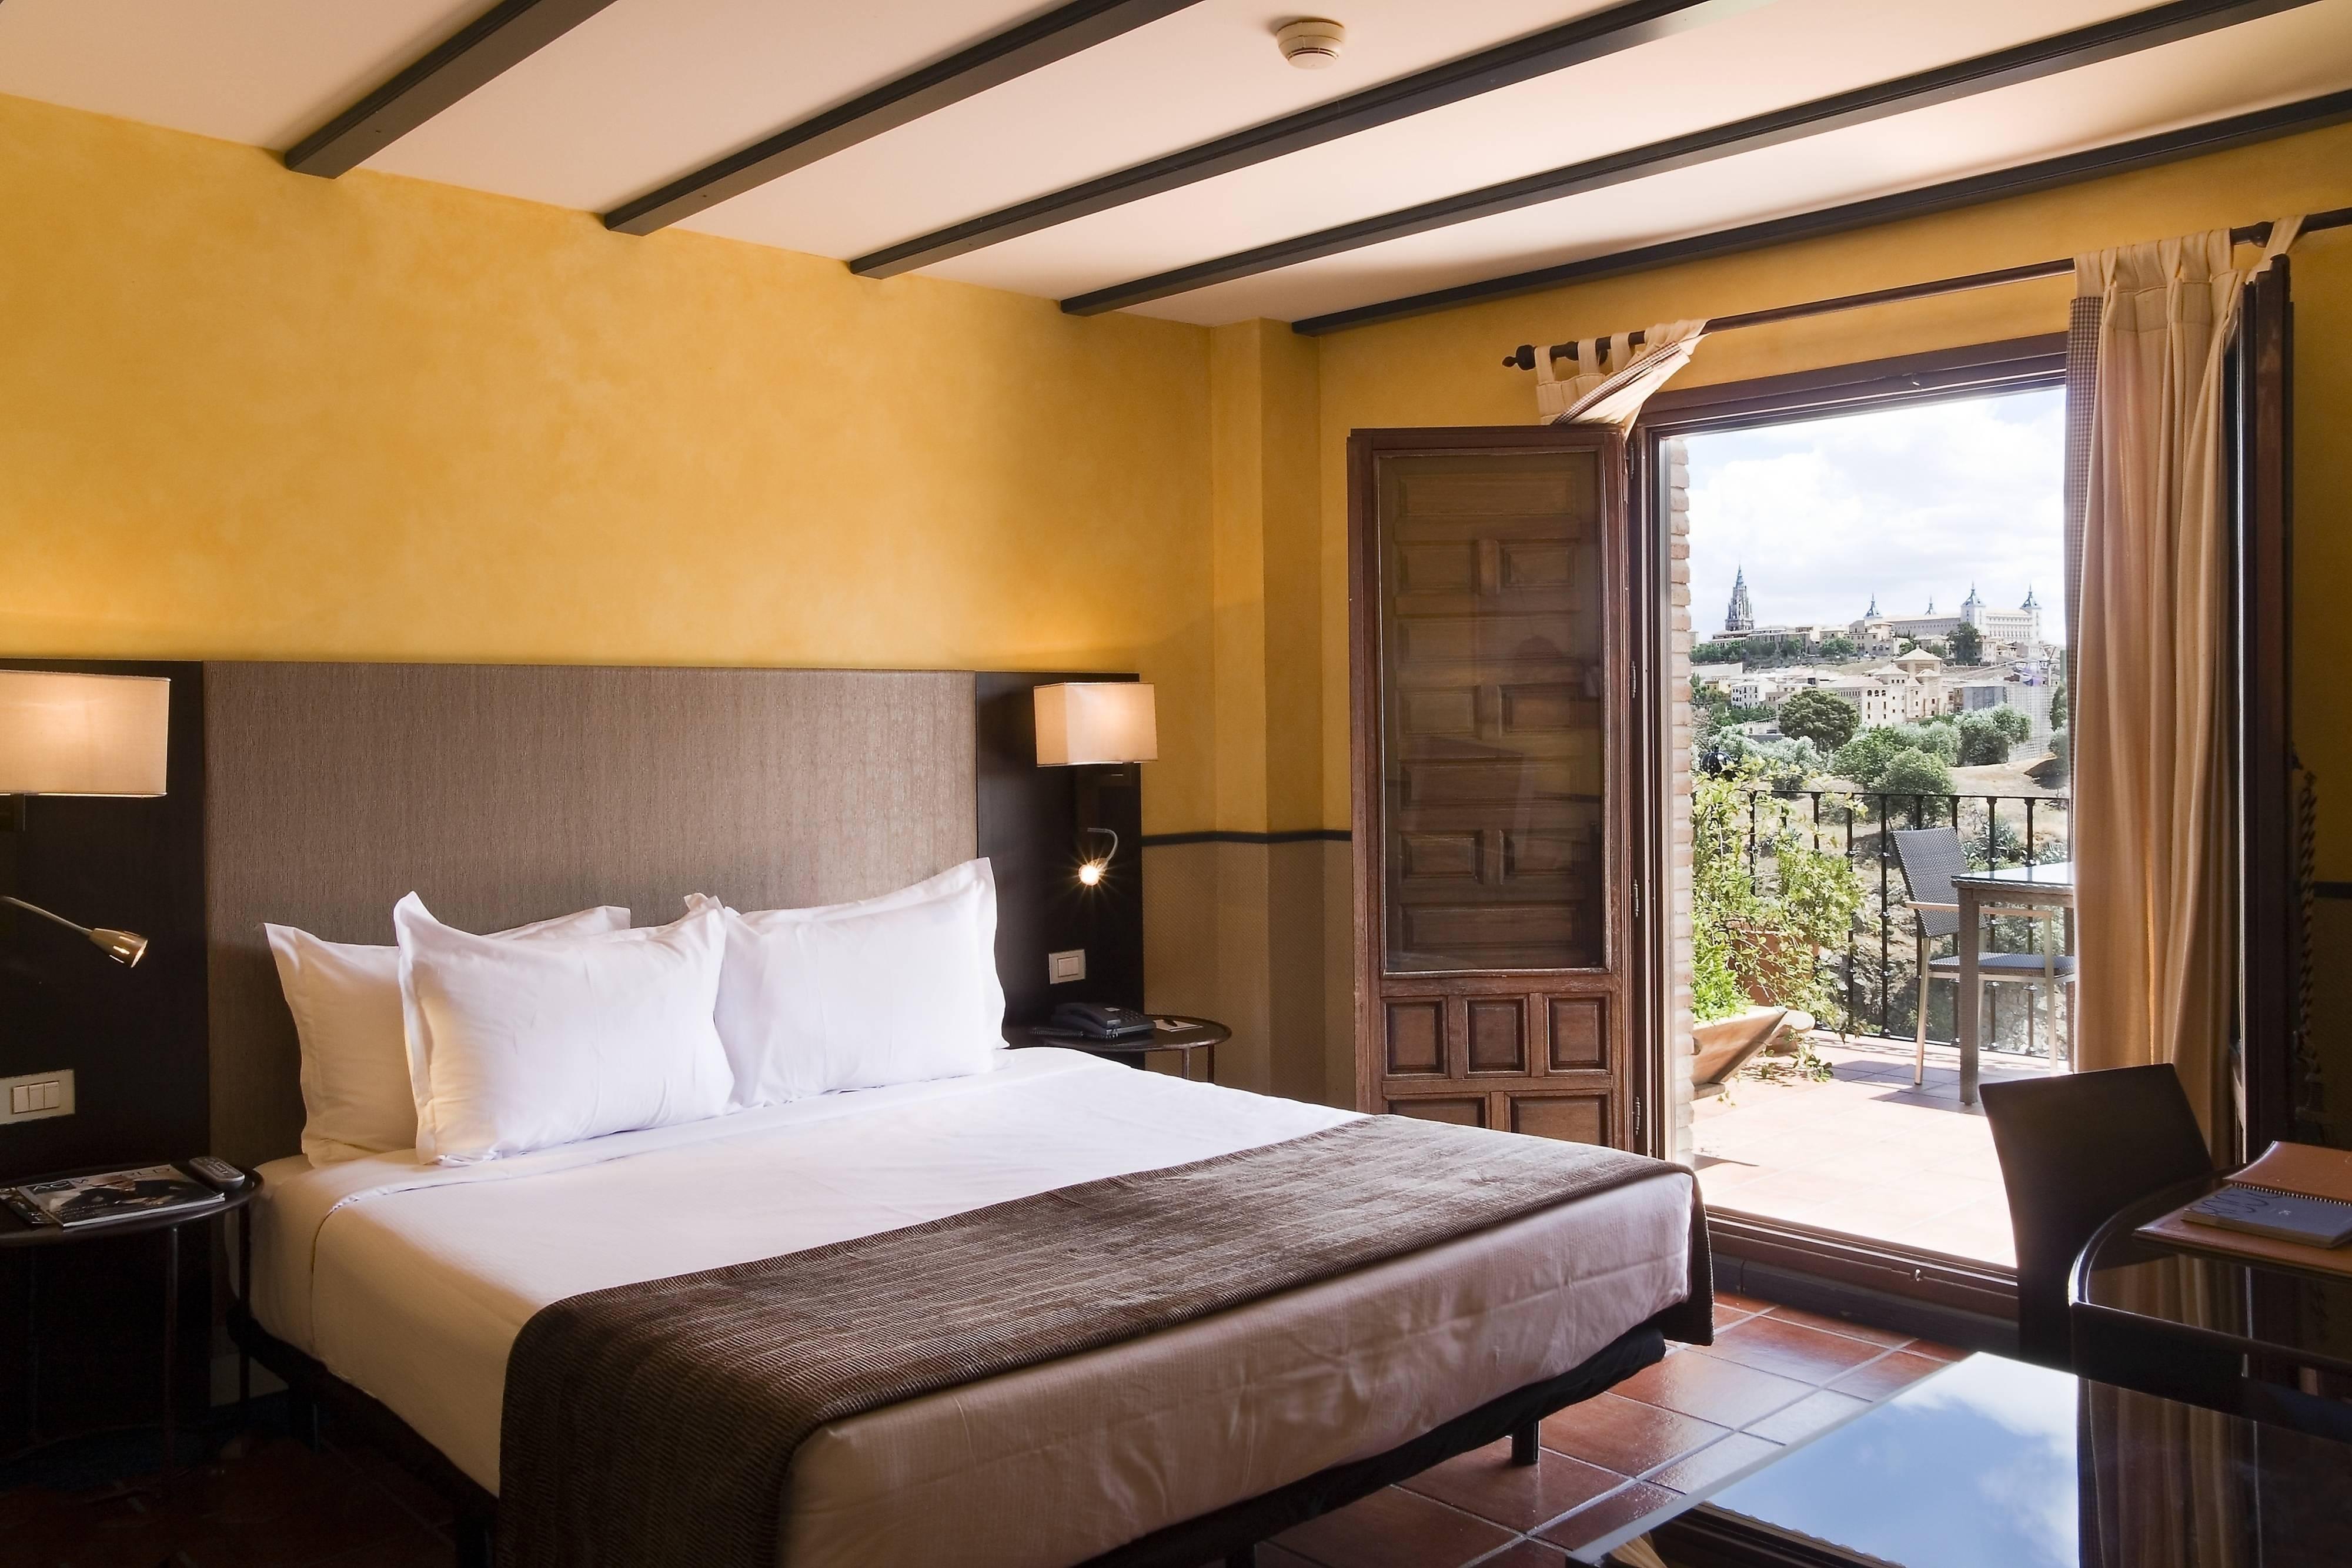 Toledo hotel superior rooms